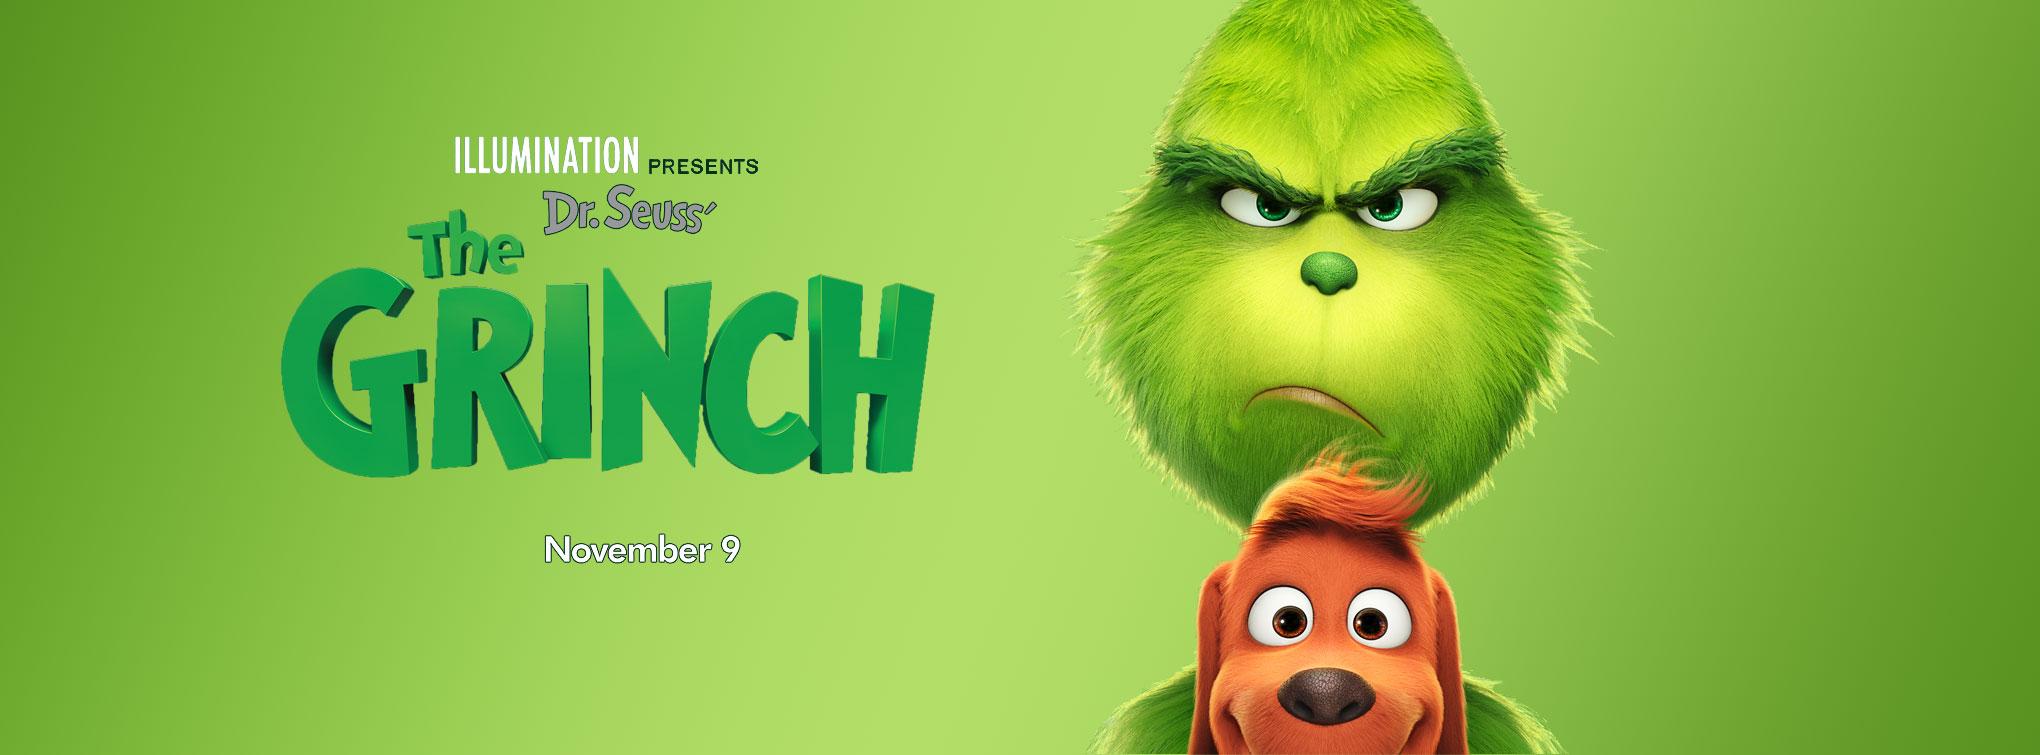 Slider image for Dr. Seuss' The Grinch